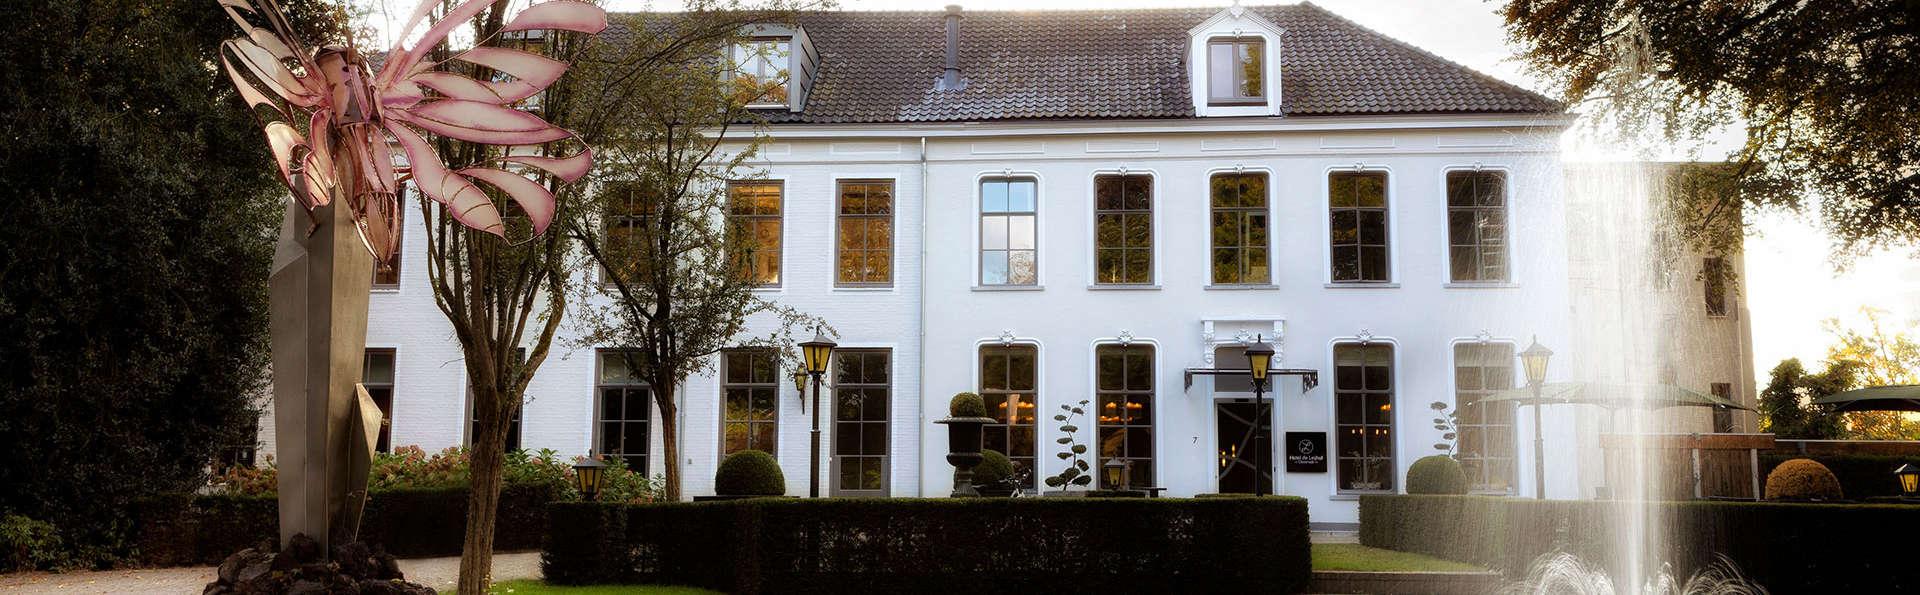 Hotel de Leijhof Oisterwijk - Edit_Front.jpg